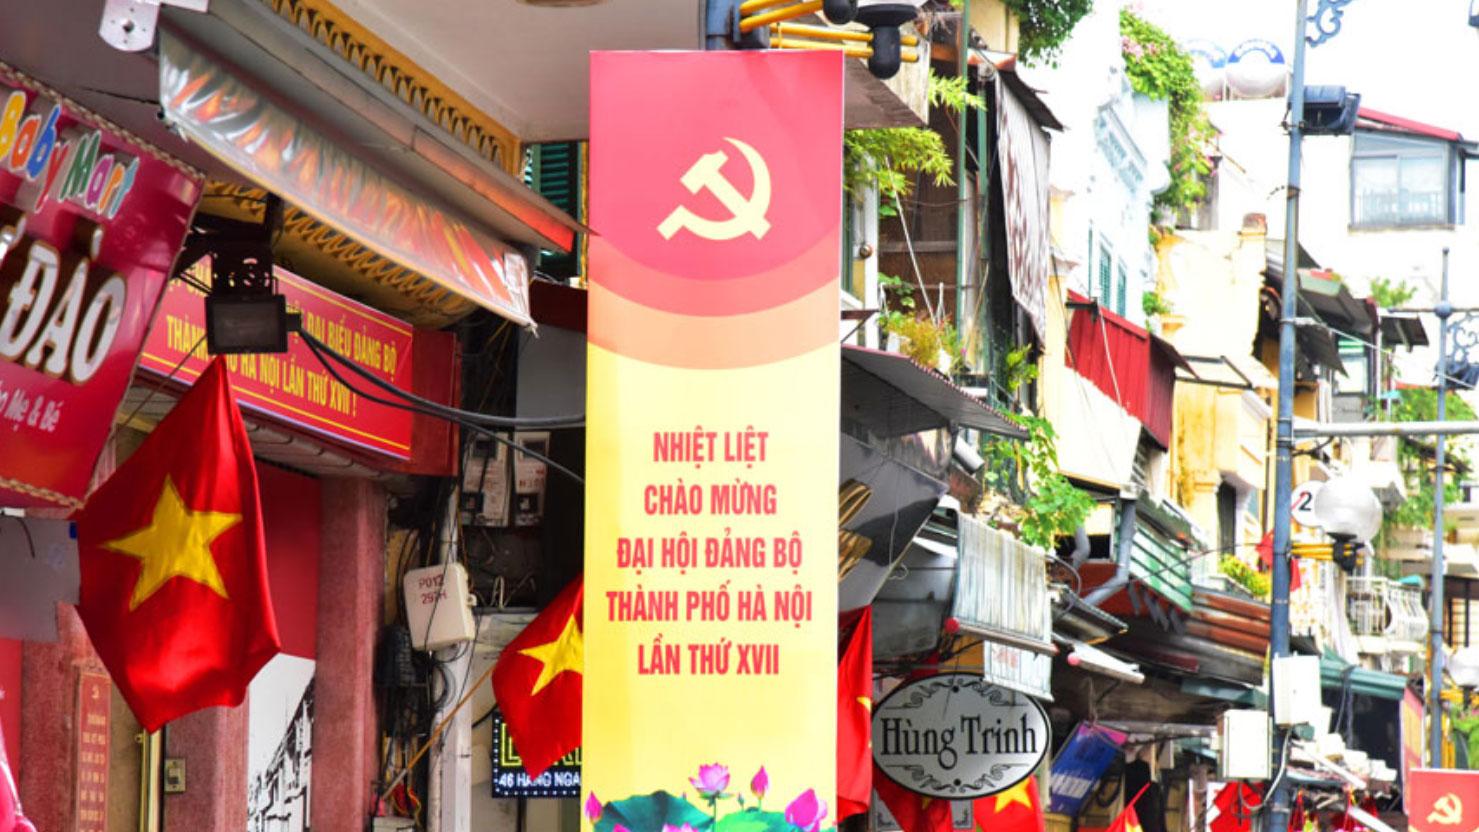 Hà Nội rợp cờ hoa những ngày hội lớn